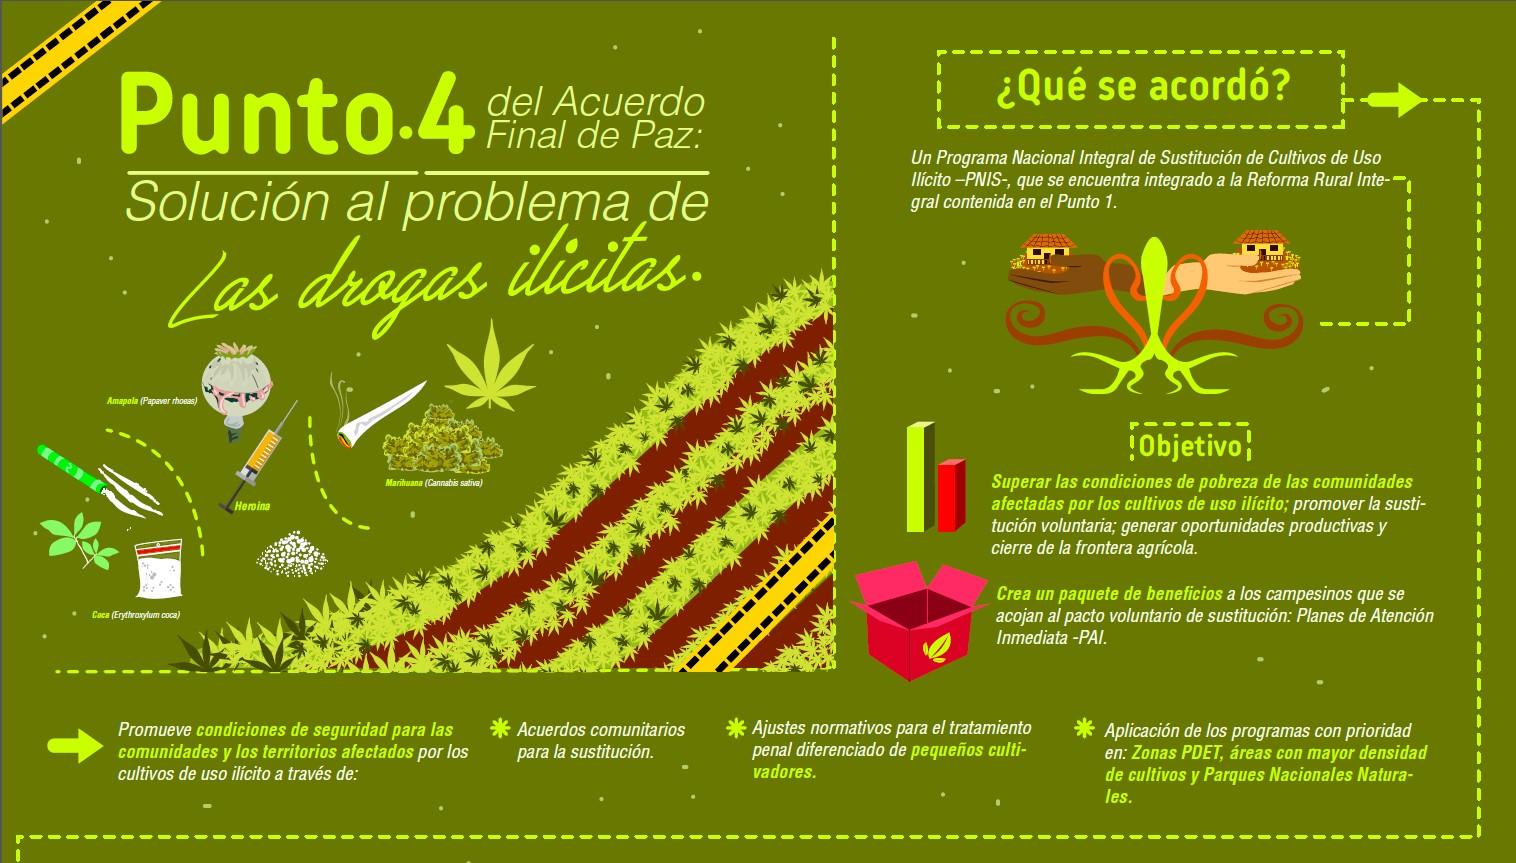 Imagen relacionada con Infografía: Punto 4 del Acuerdo de Paz: Solución al problema de las drogas ilicitas